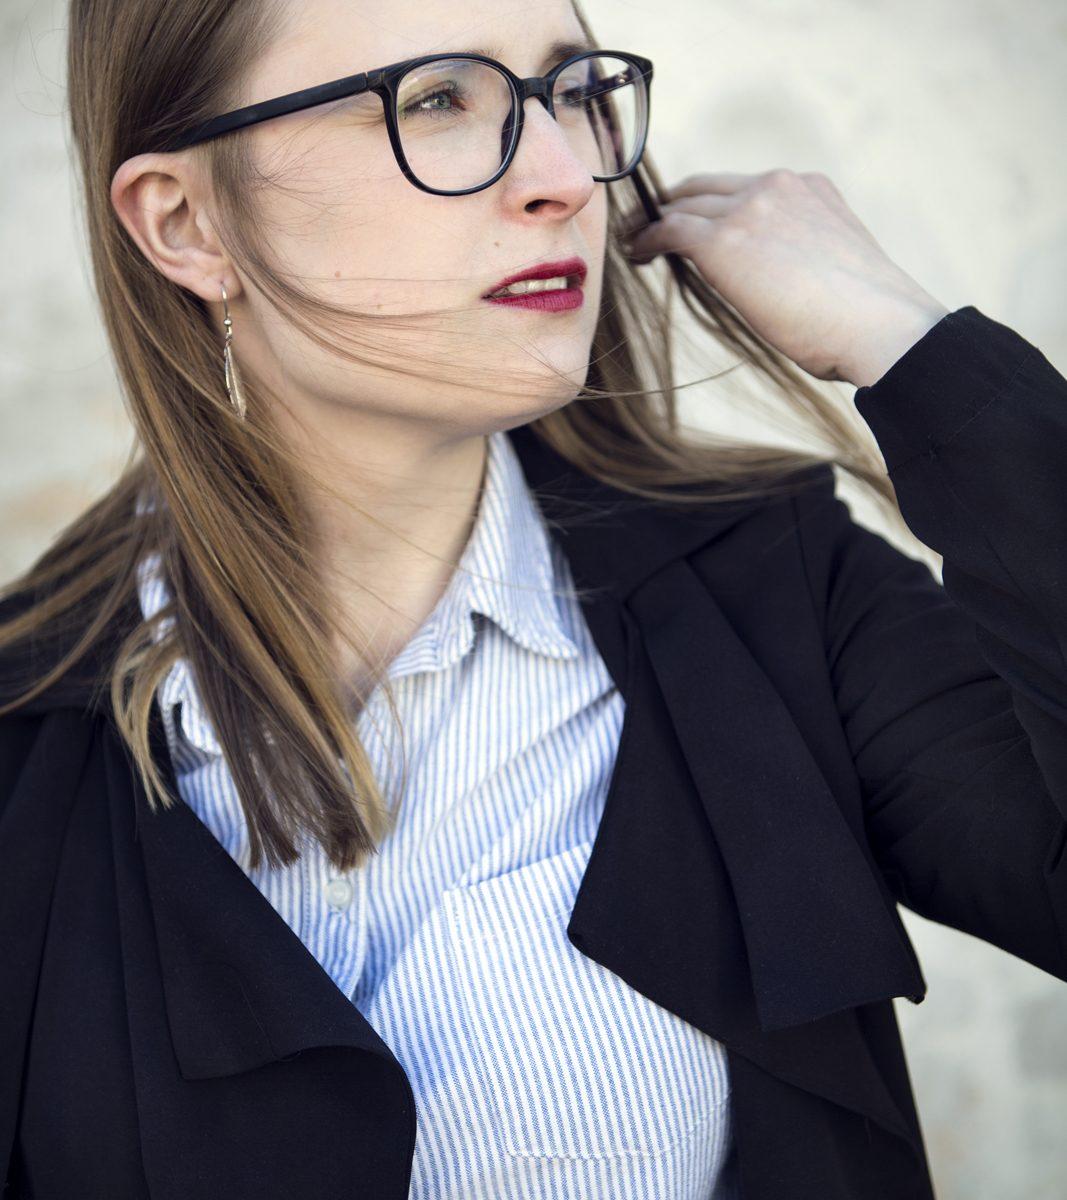 Mari Sainio